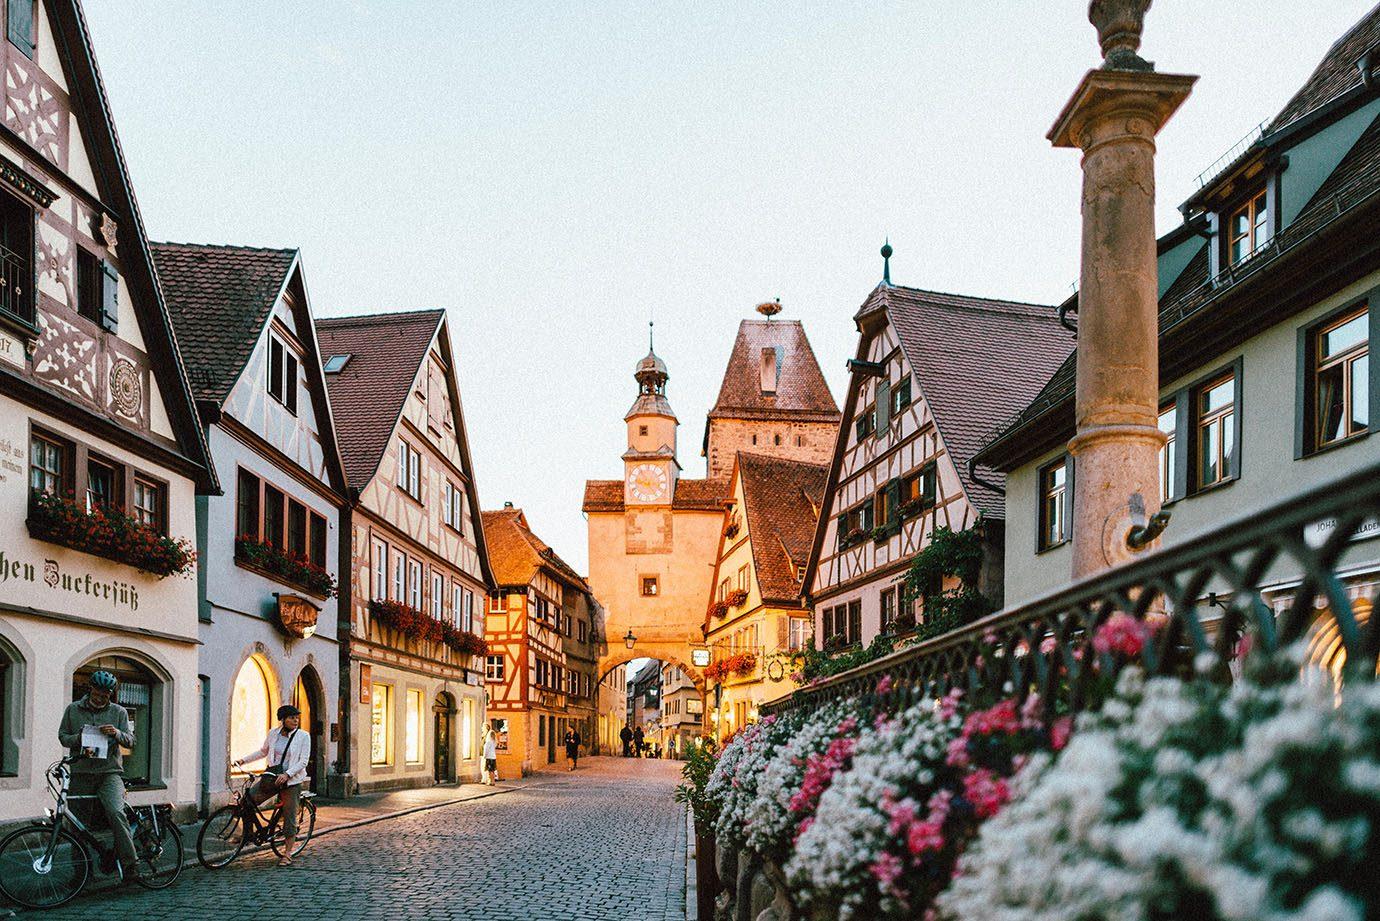 Germany scene